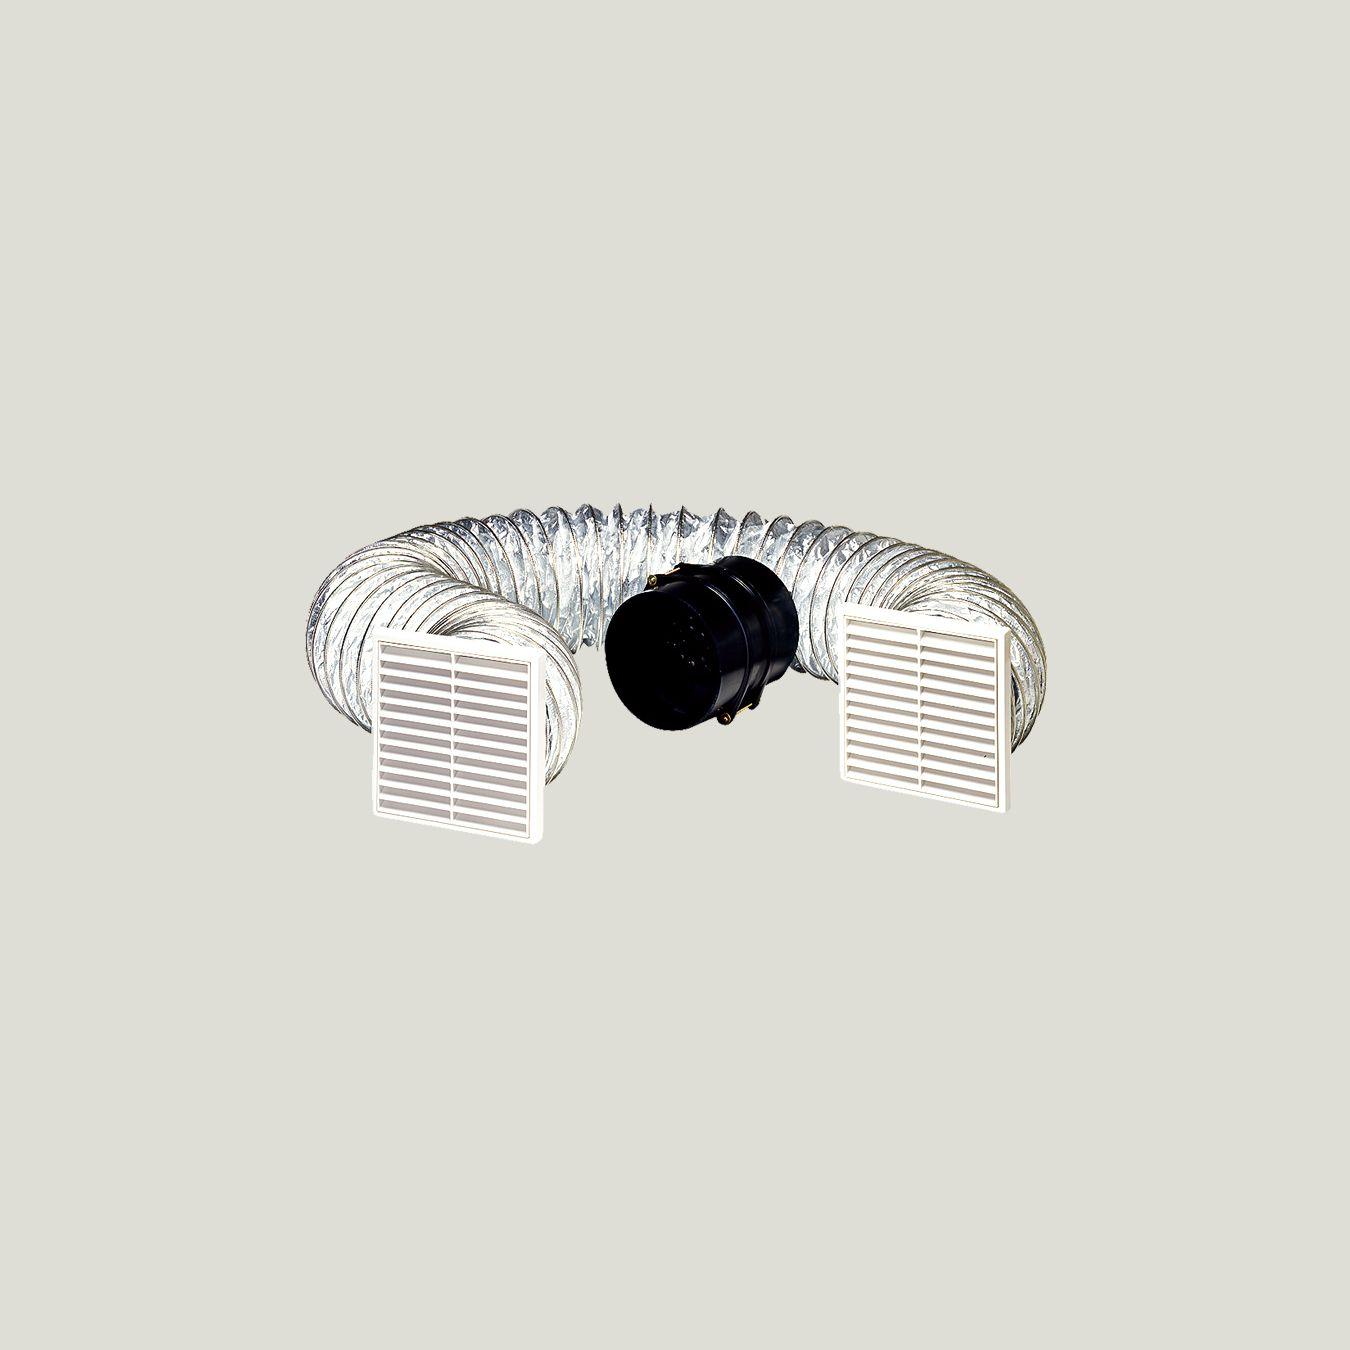 150mm inline fan kit